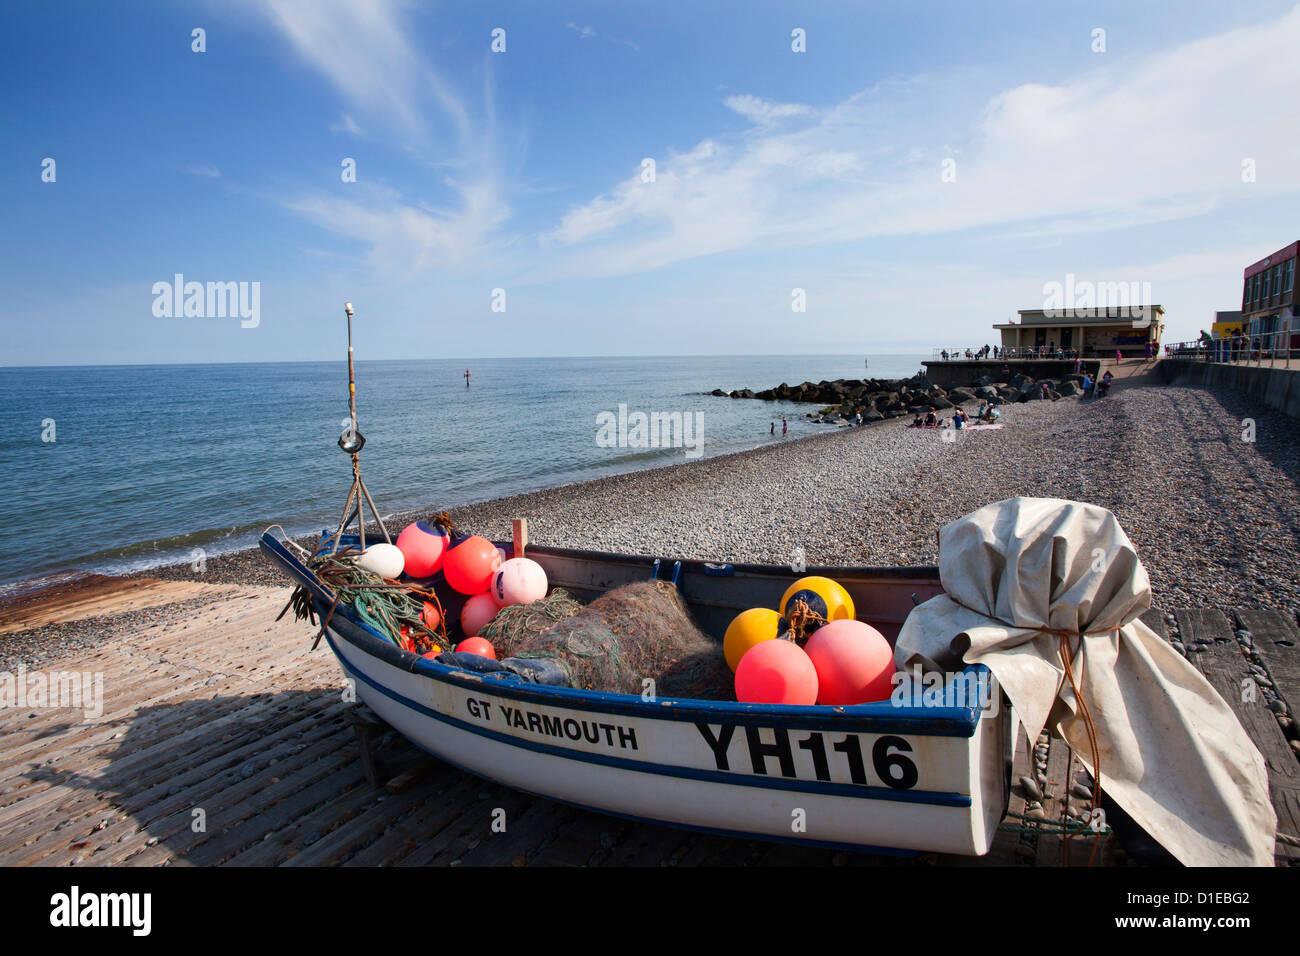 Fishing boat on the shingle beach at Sheringham, Norfolk, England, United Kingdom, Europe - Stock Image